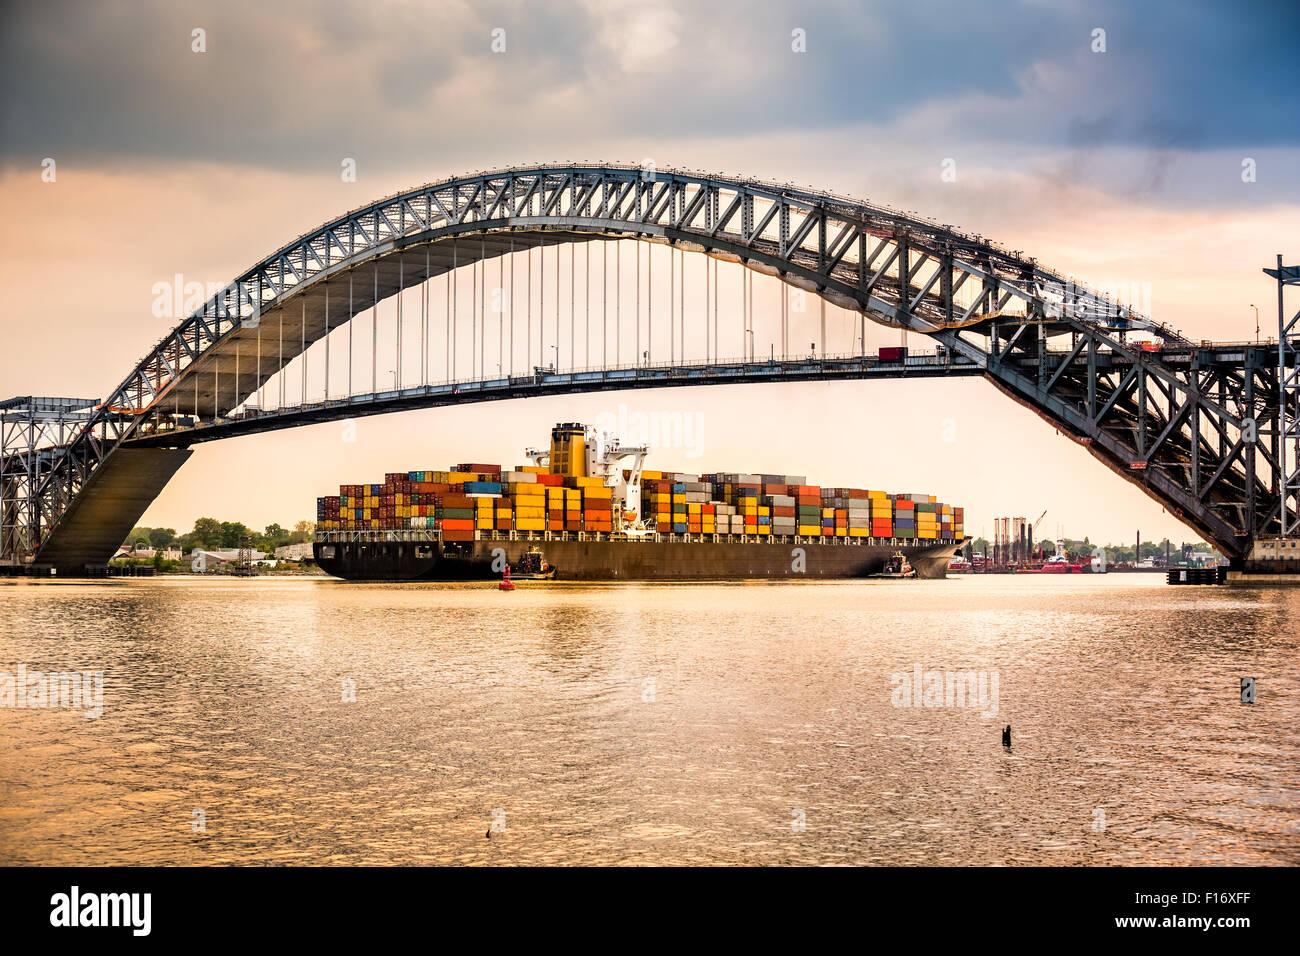 Large container ship passes under Bayonne Bridge, NJ en route towards Newark Harbour - Stock Image